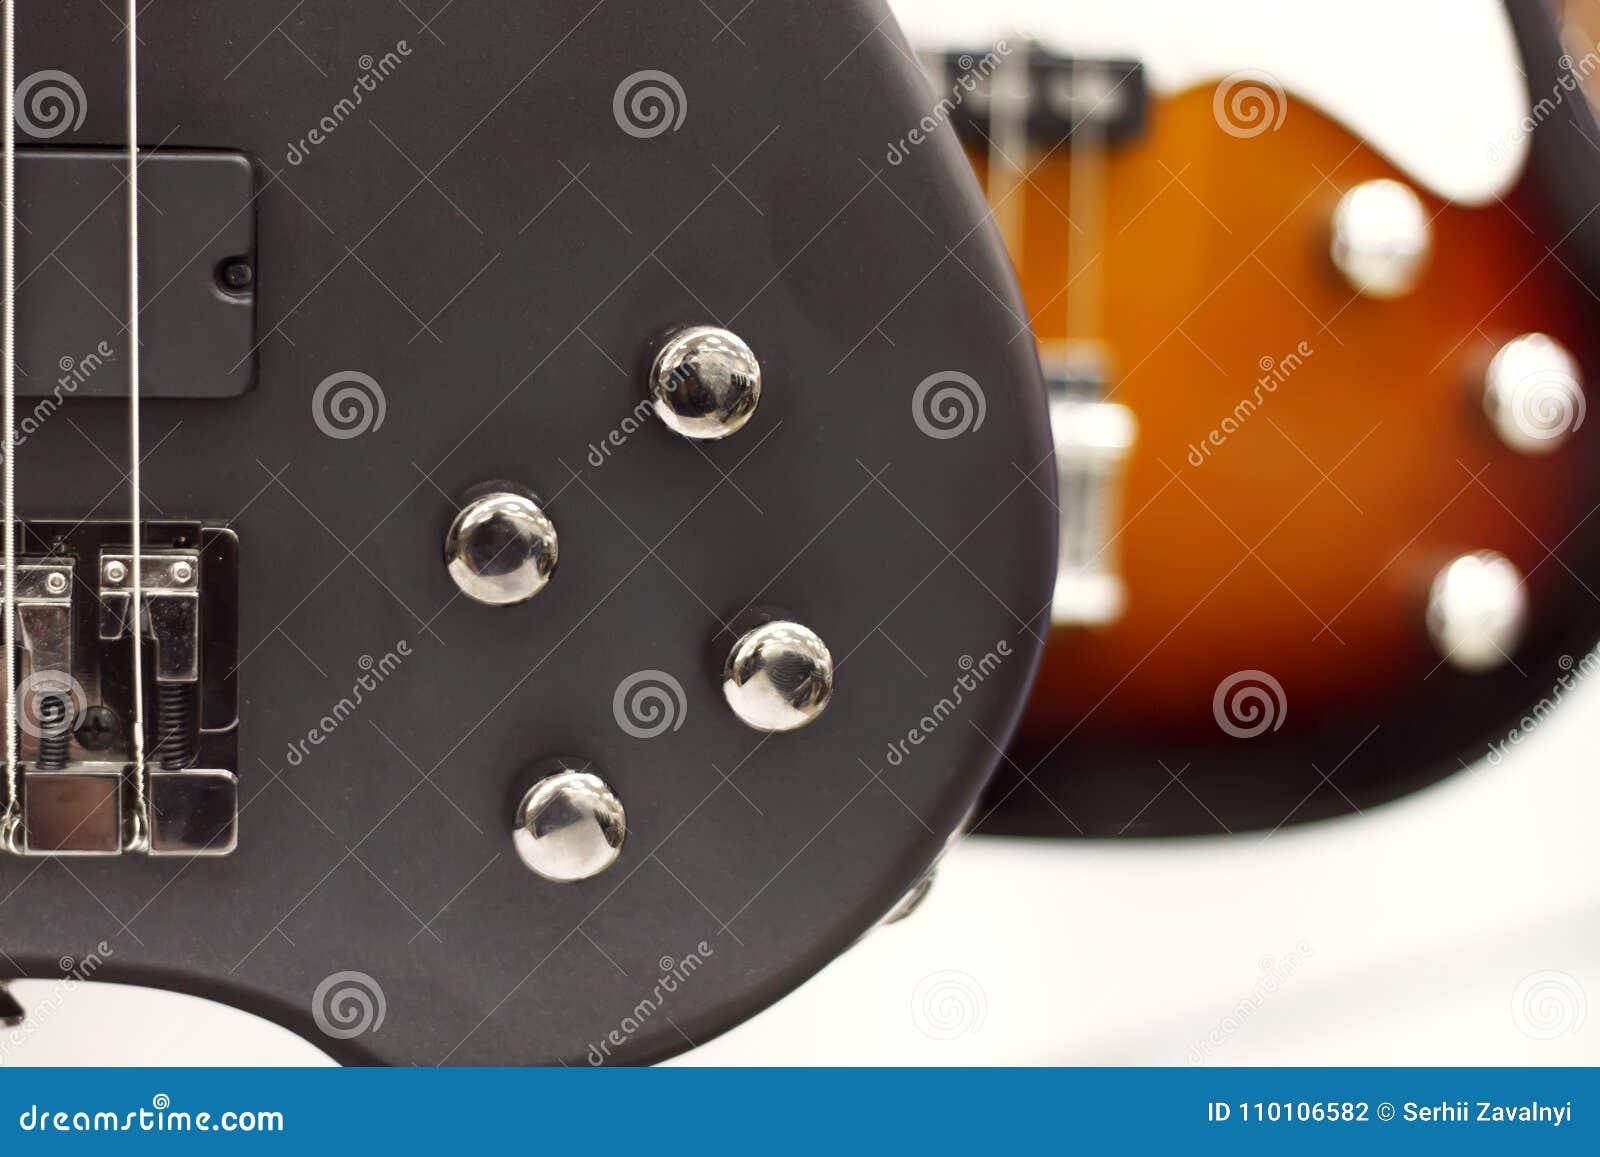 Primo piano della chitarra elettrica con un fuoco molle di colore nero, comandi di tono, volume